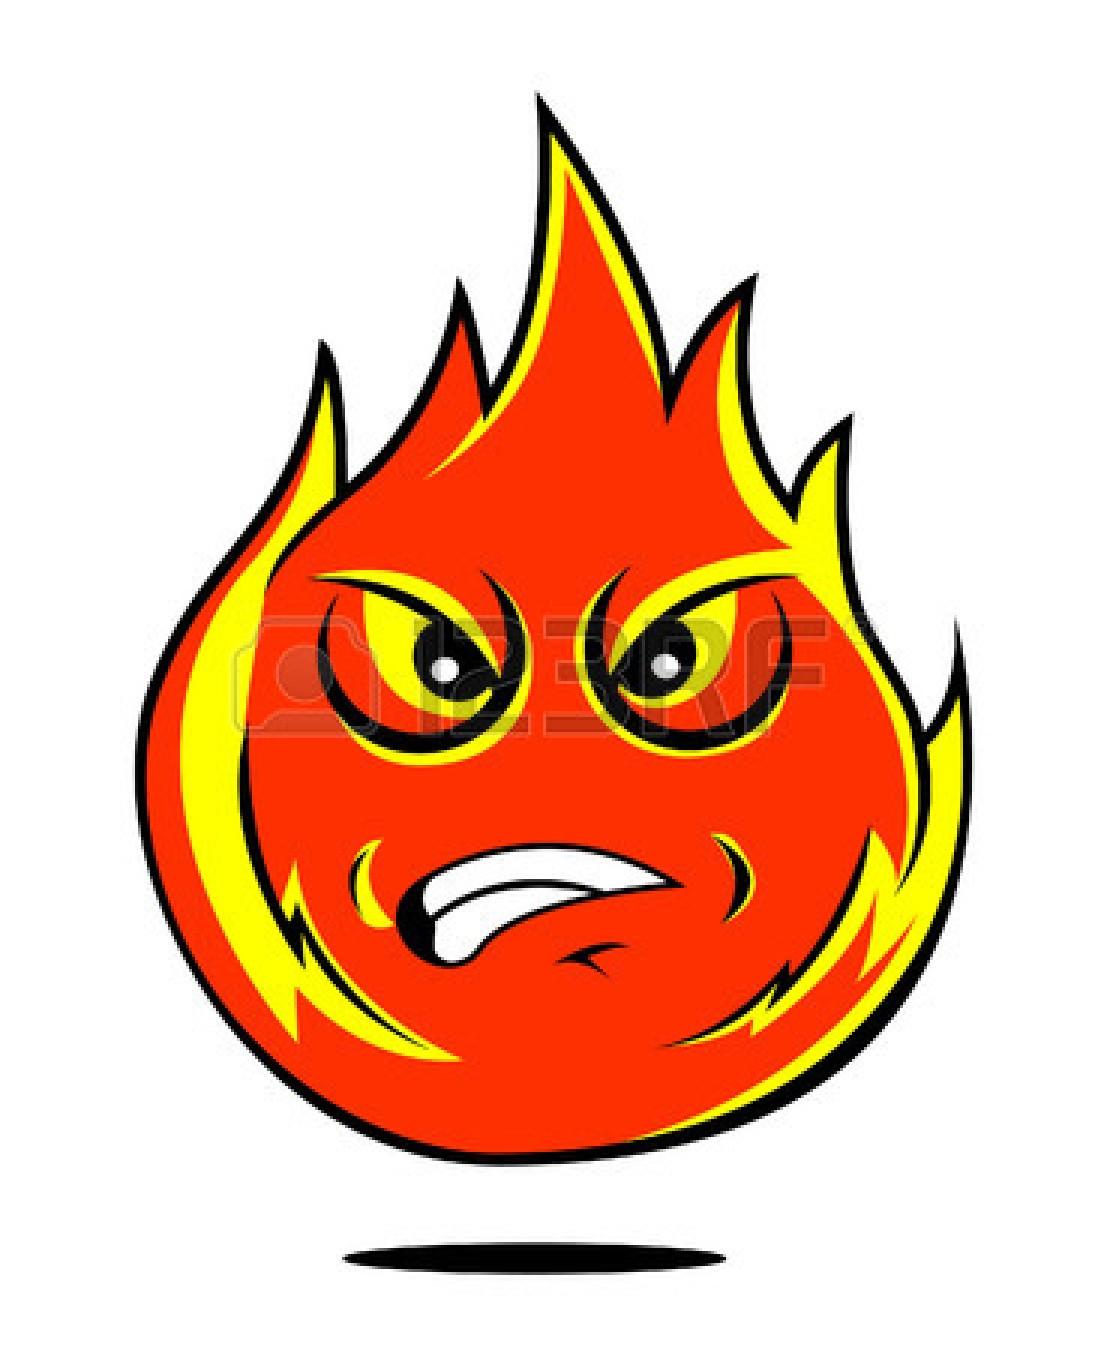 Cartoon Fire Fire cartoon